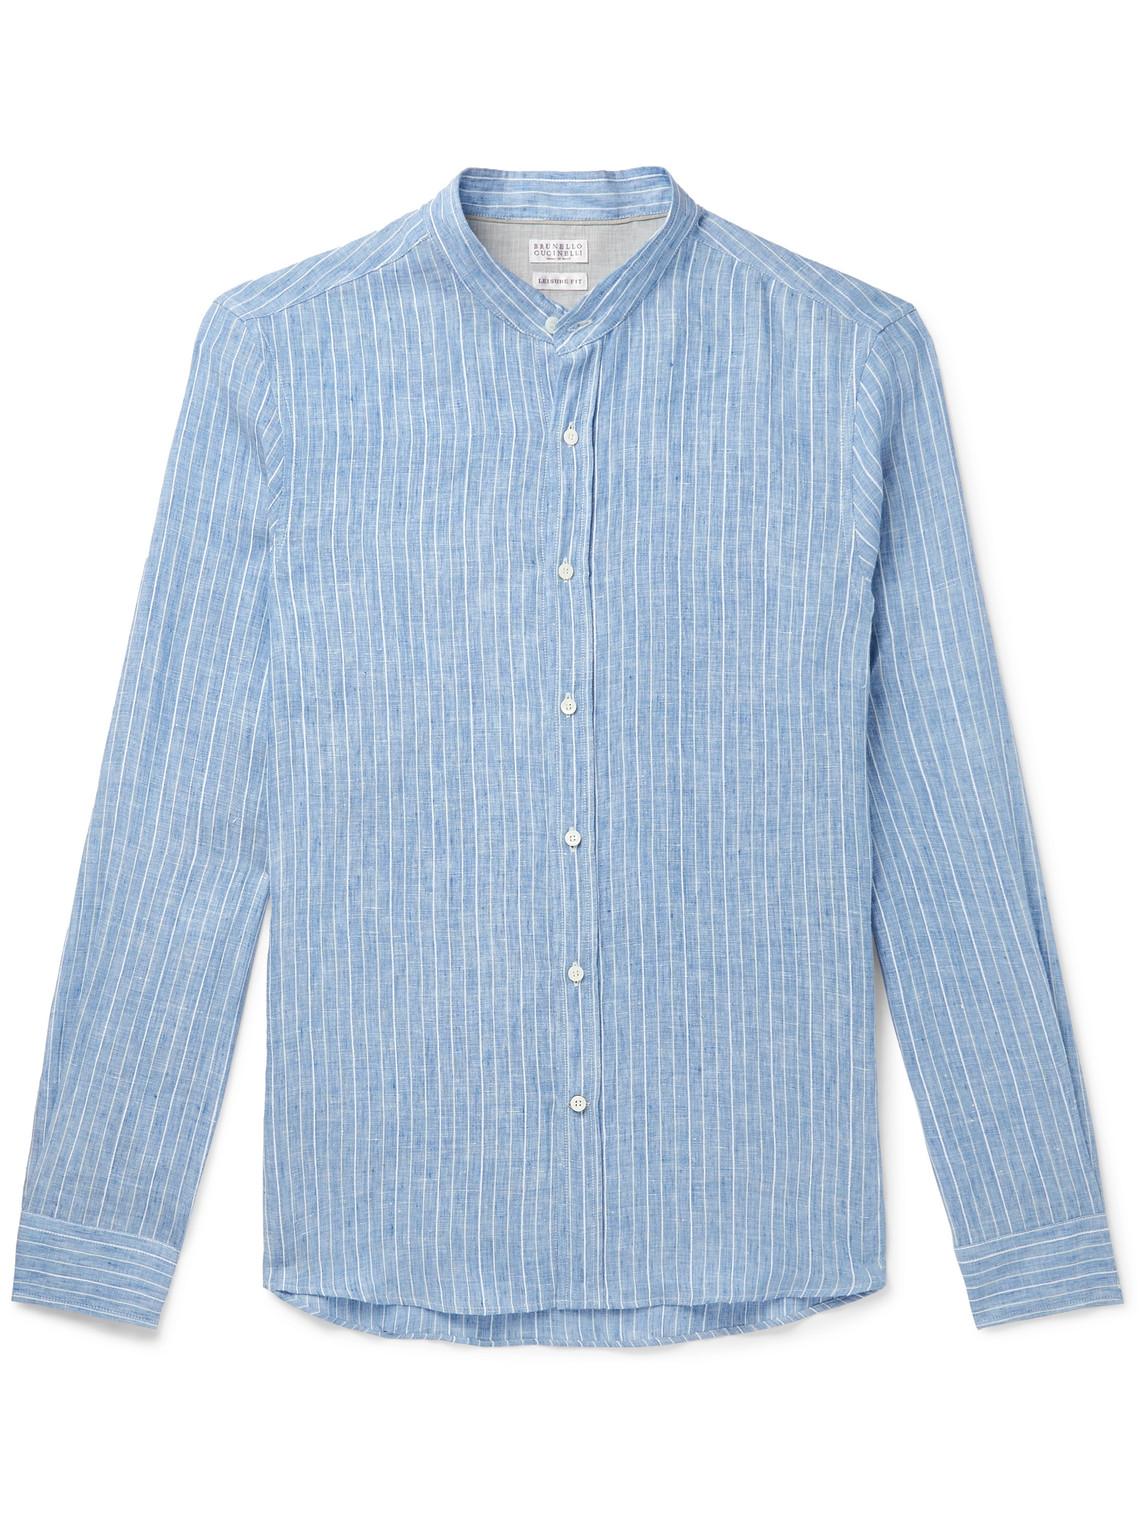 brunello cucinelli - grandad-collar striped linen-blend shirt - men - blue - s